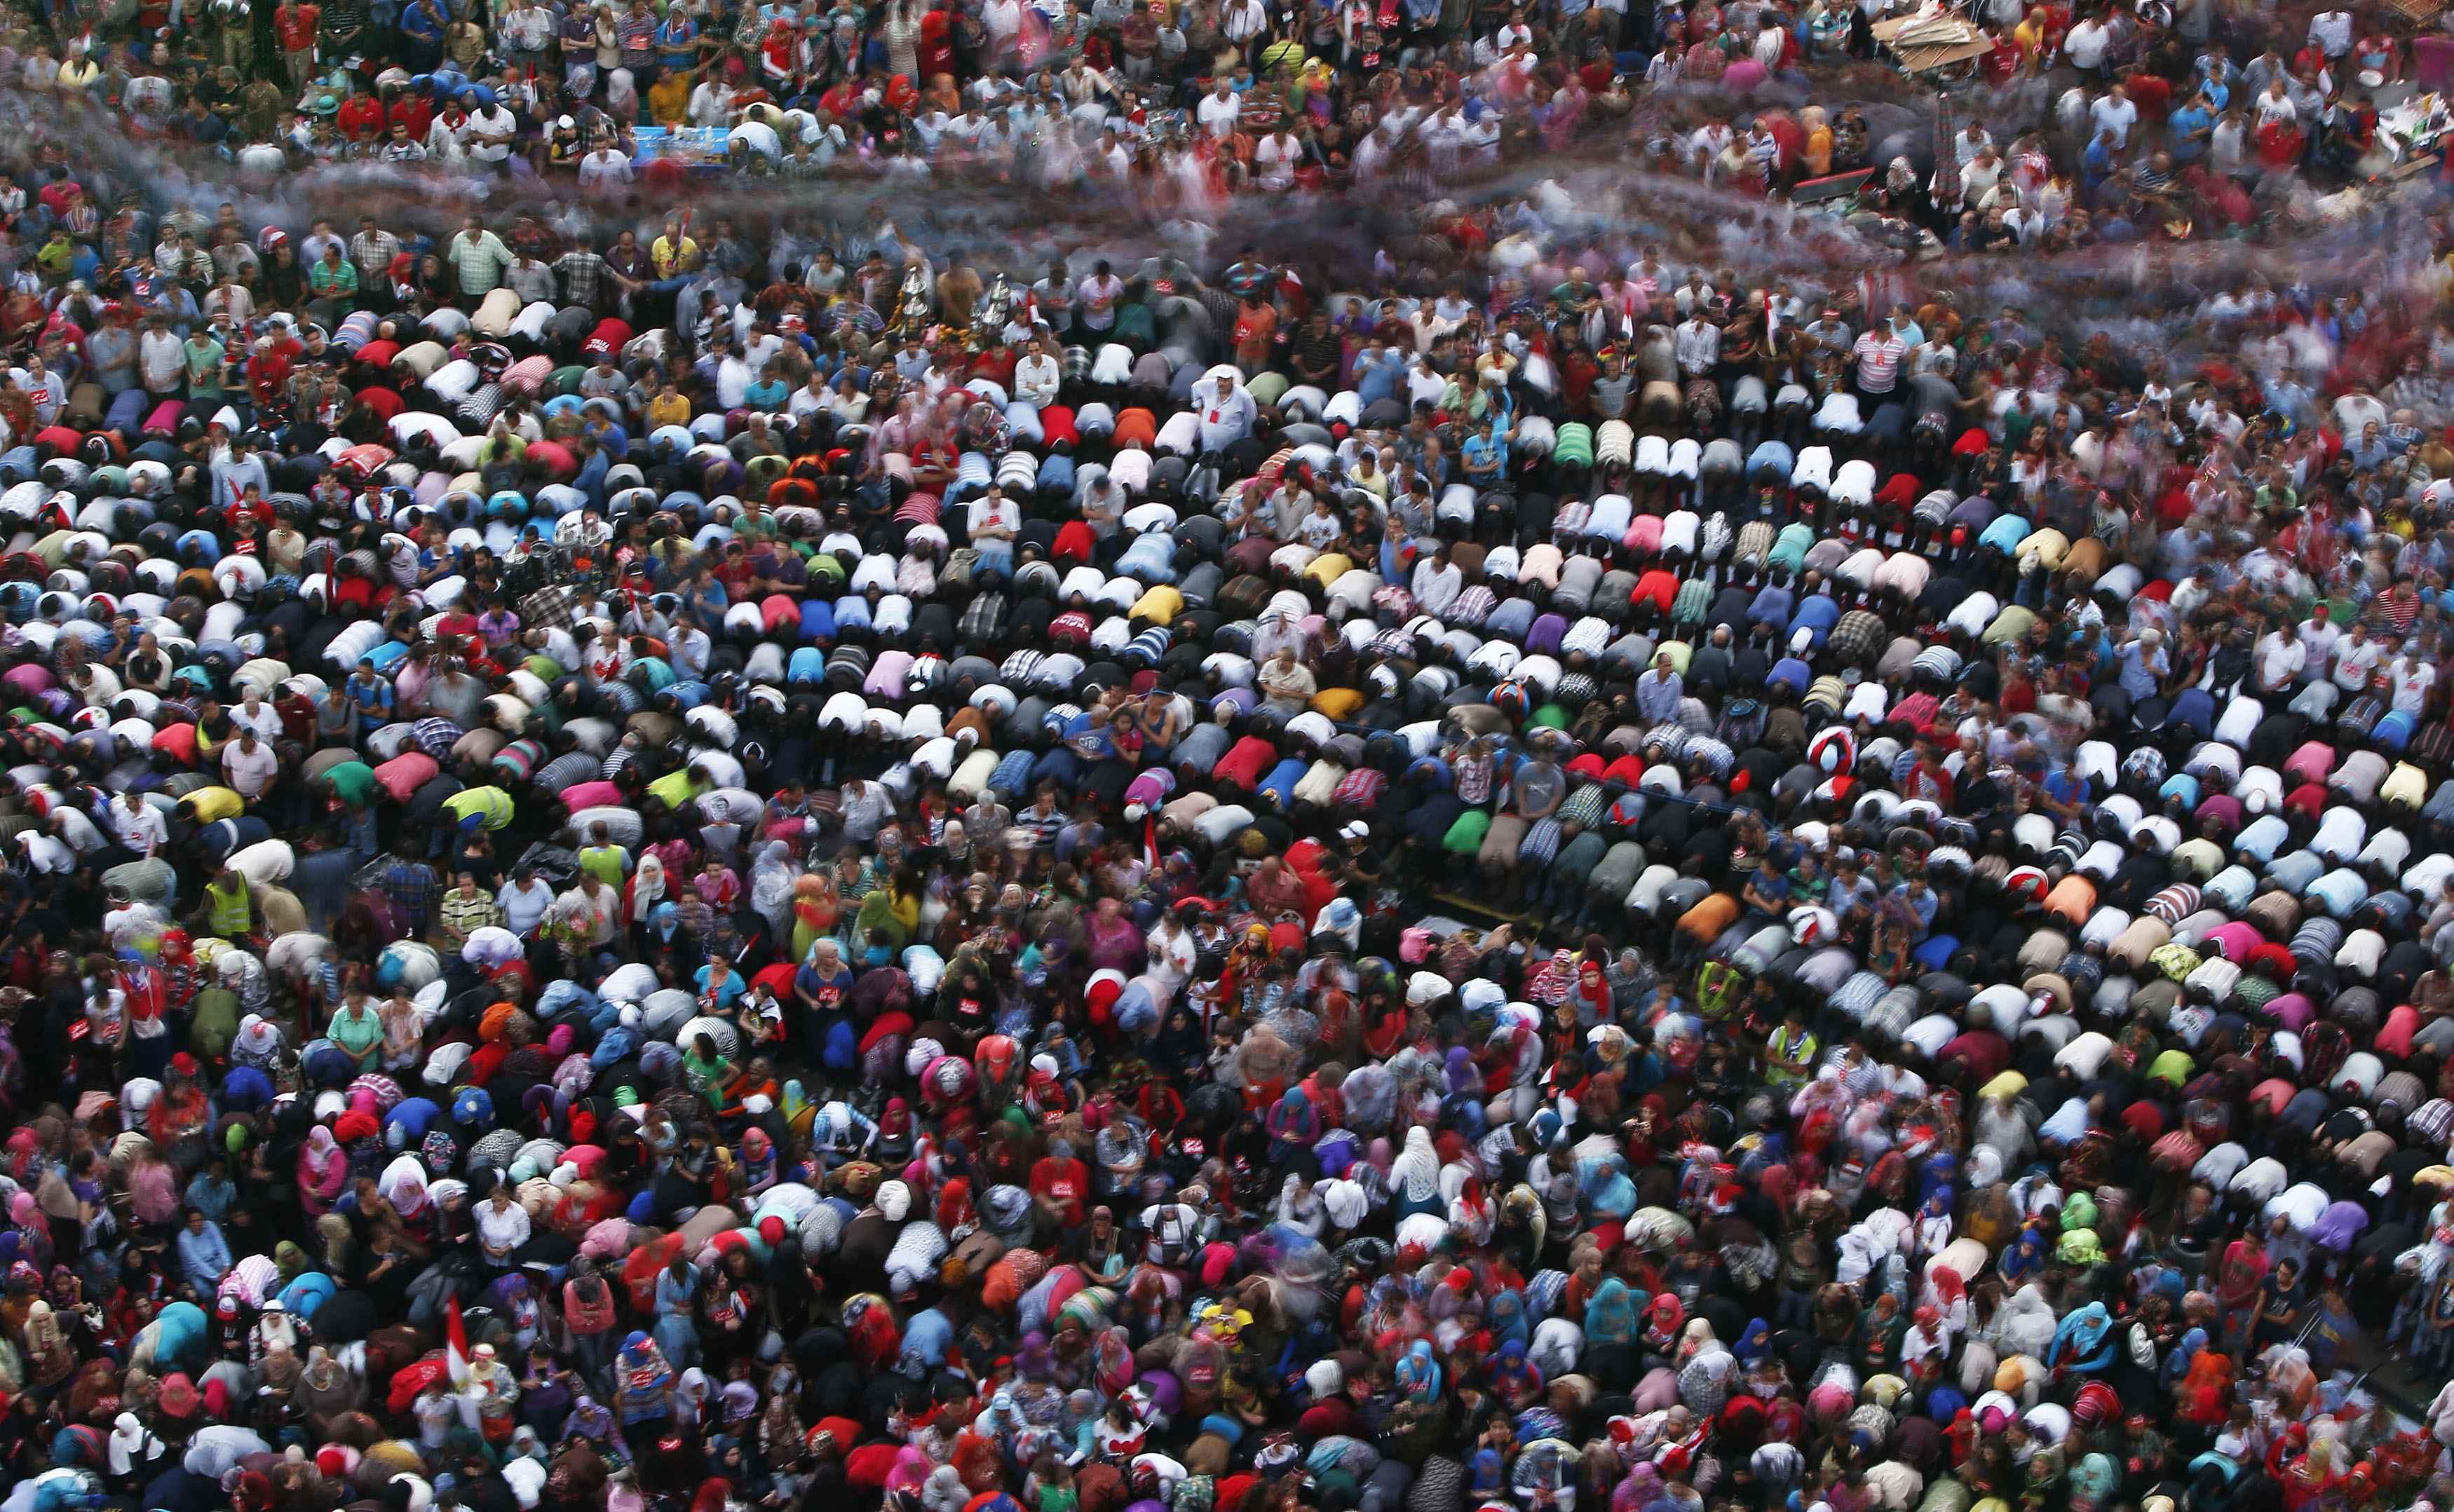 Marine Le Pen n'a pas vu de prières dans les rues au Caire ? Faut qu'elle change de lunettes !